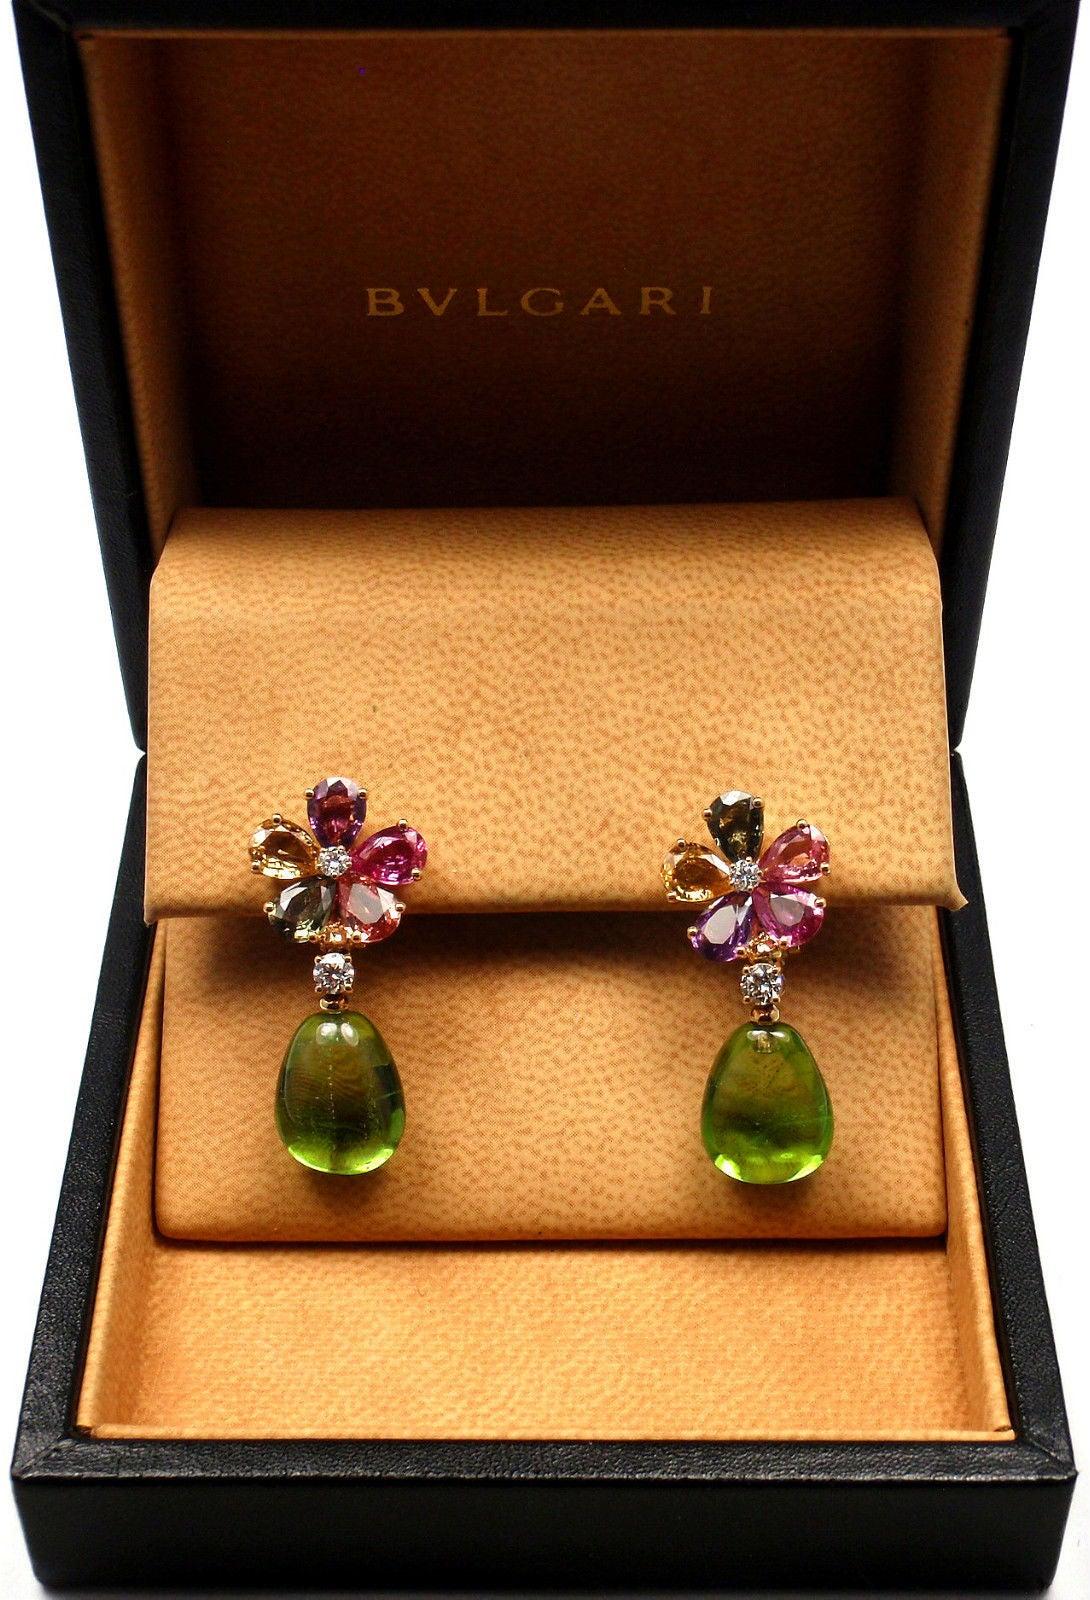 Bulgari Multicolor Sapphire Peridot Diamond Gold Flower Drop Earrings 9